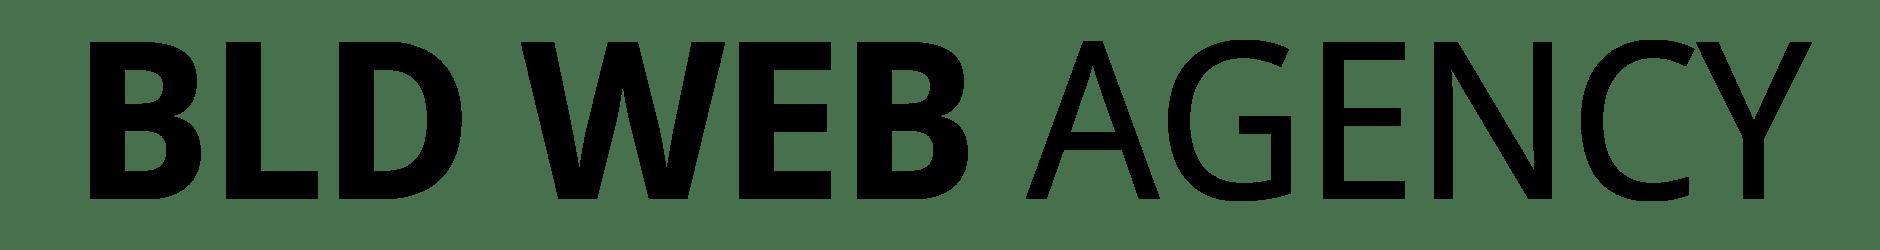 logo-bldwebagency-base-dark